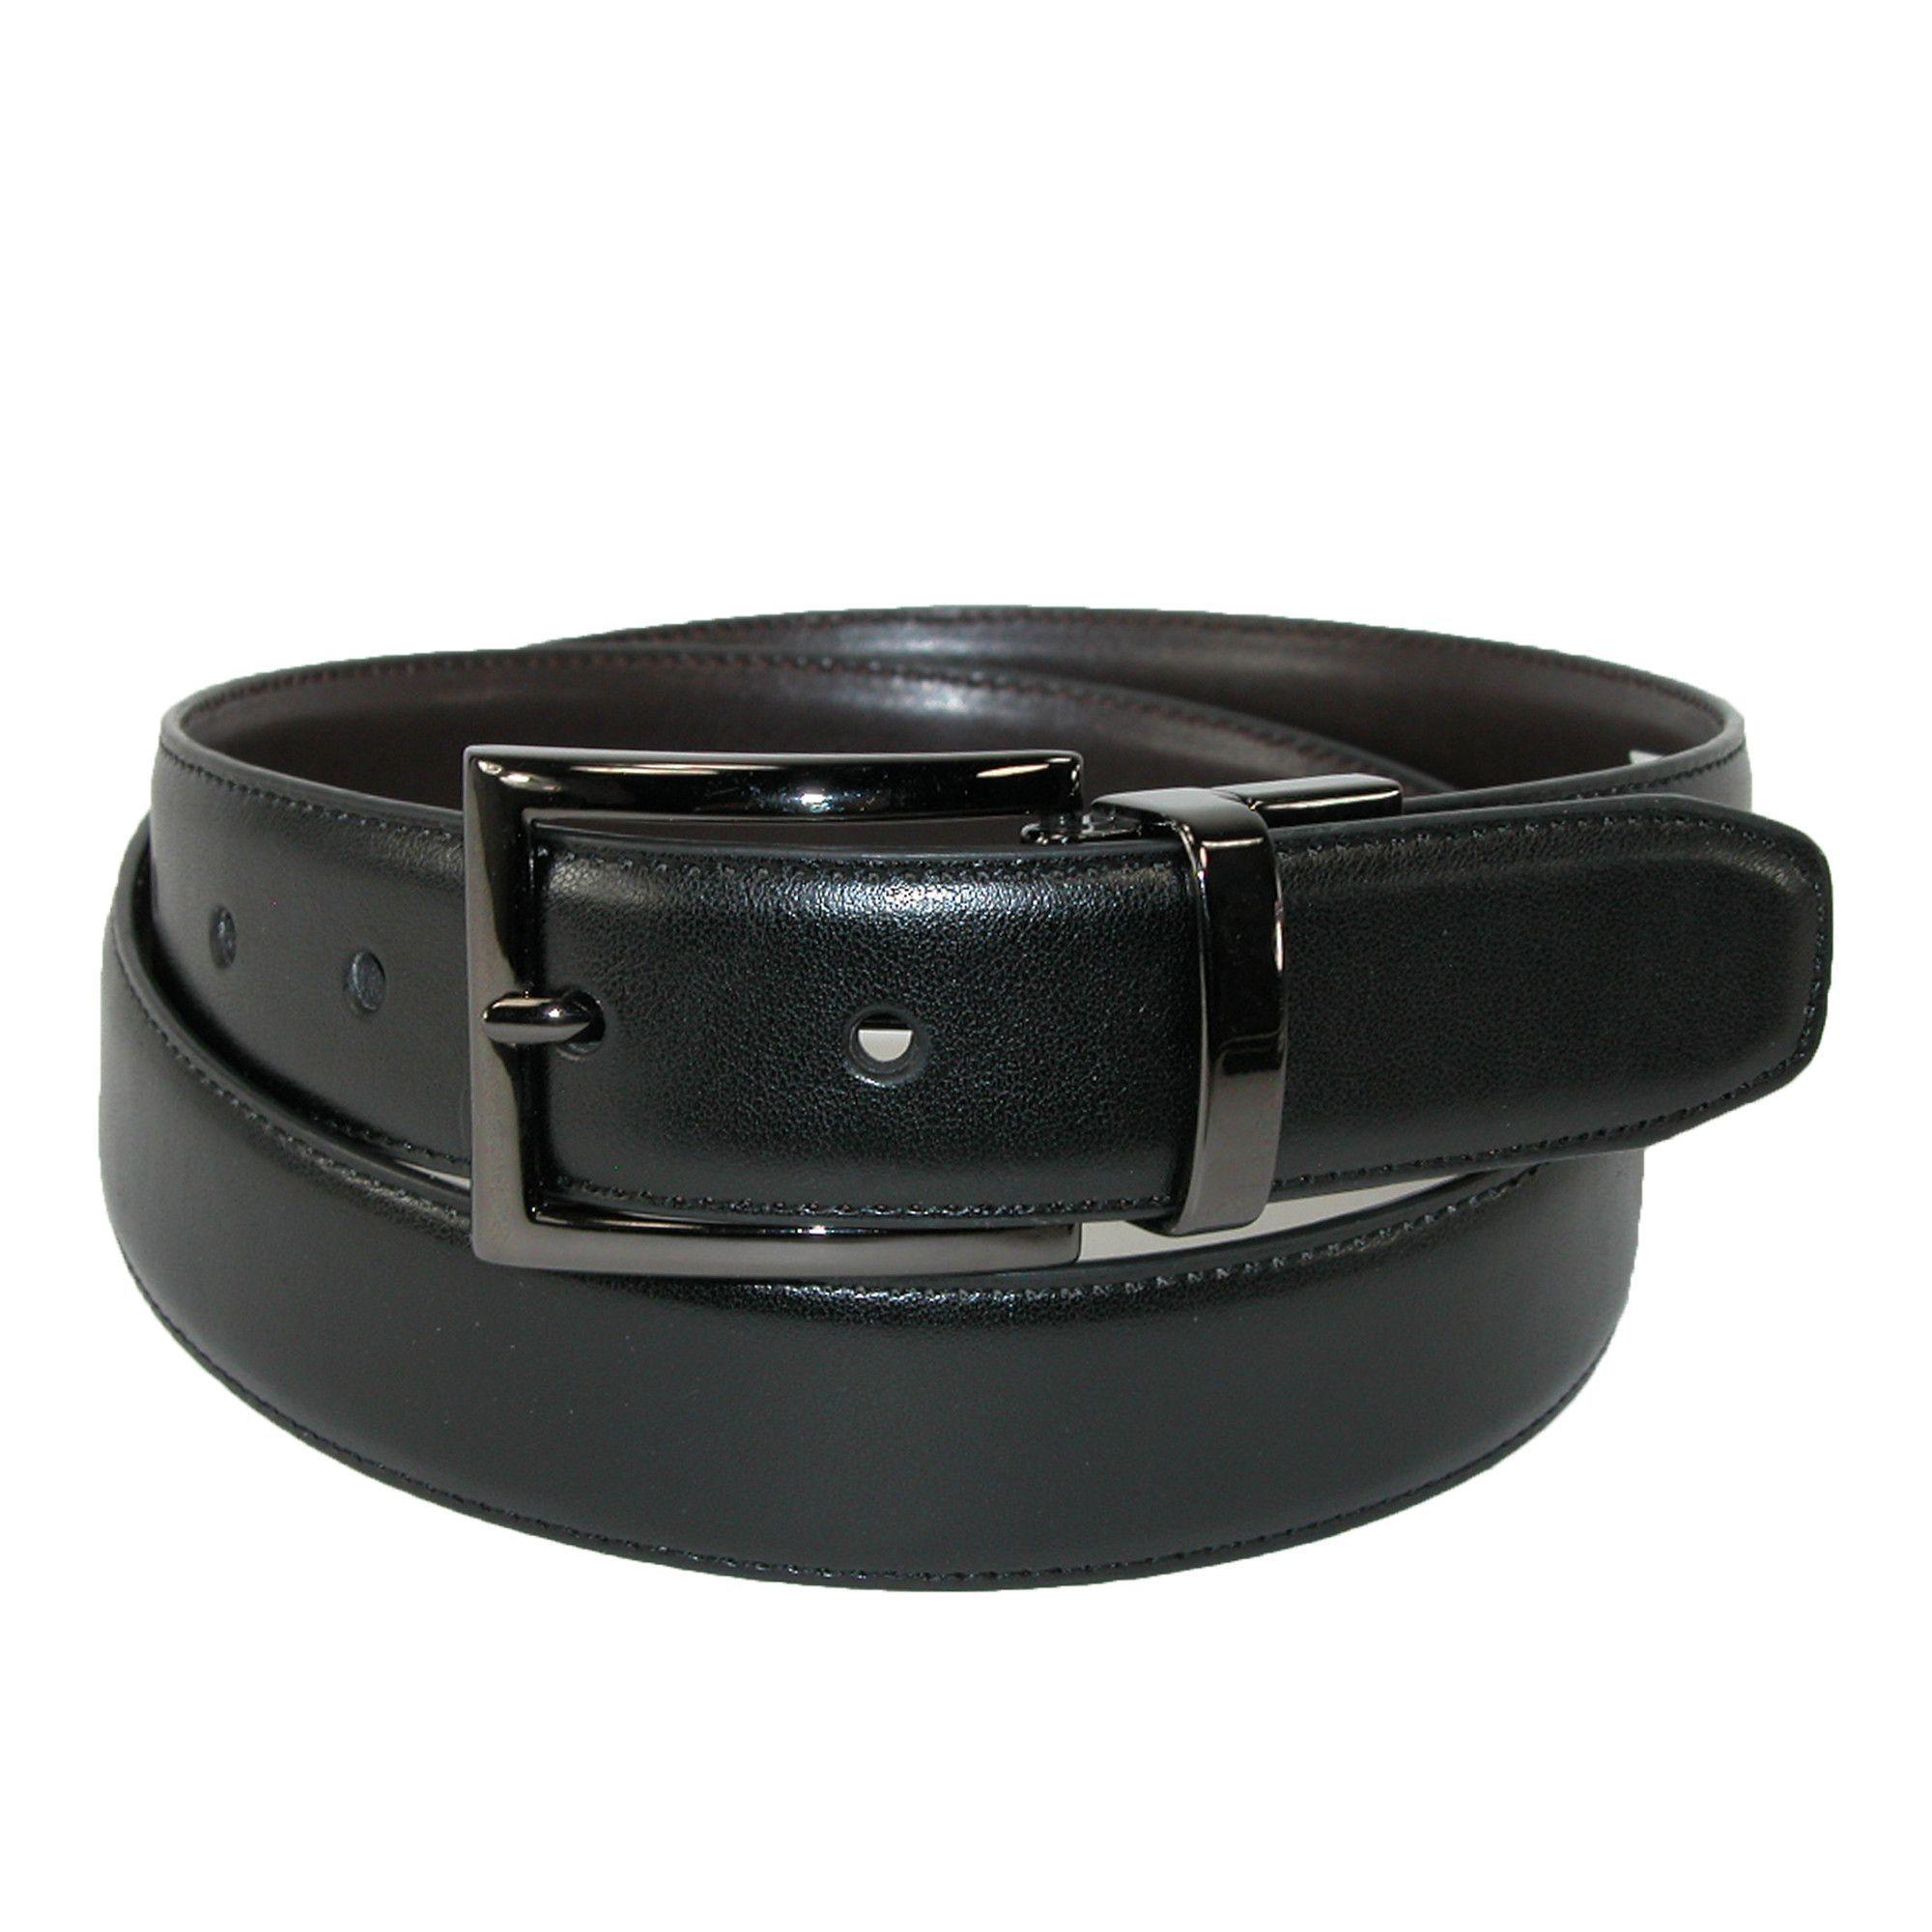 Dockers Men/'s Reversible Belt With Gunmetal Buckle